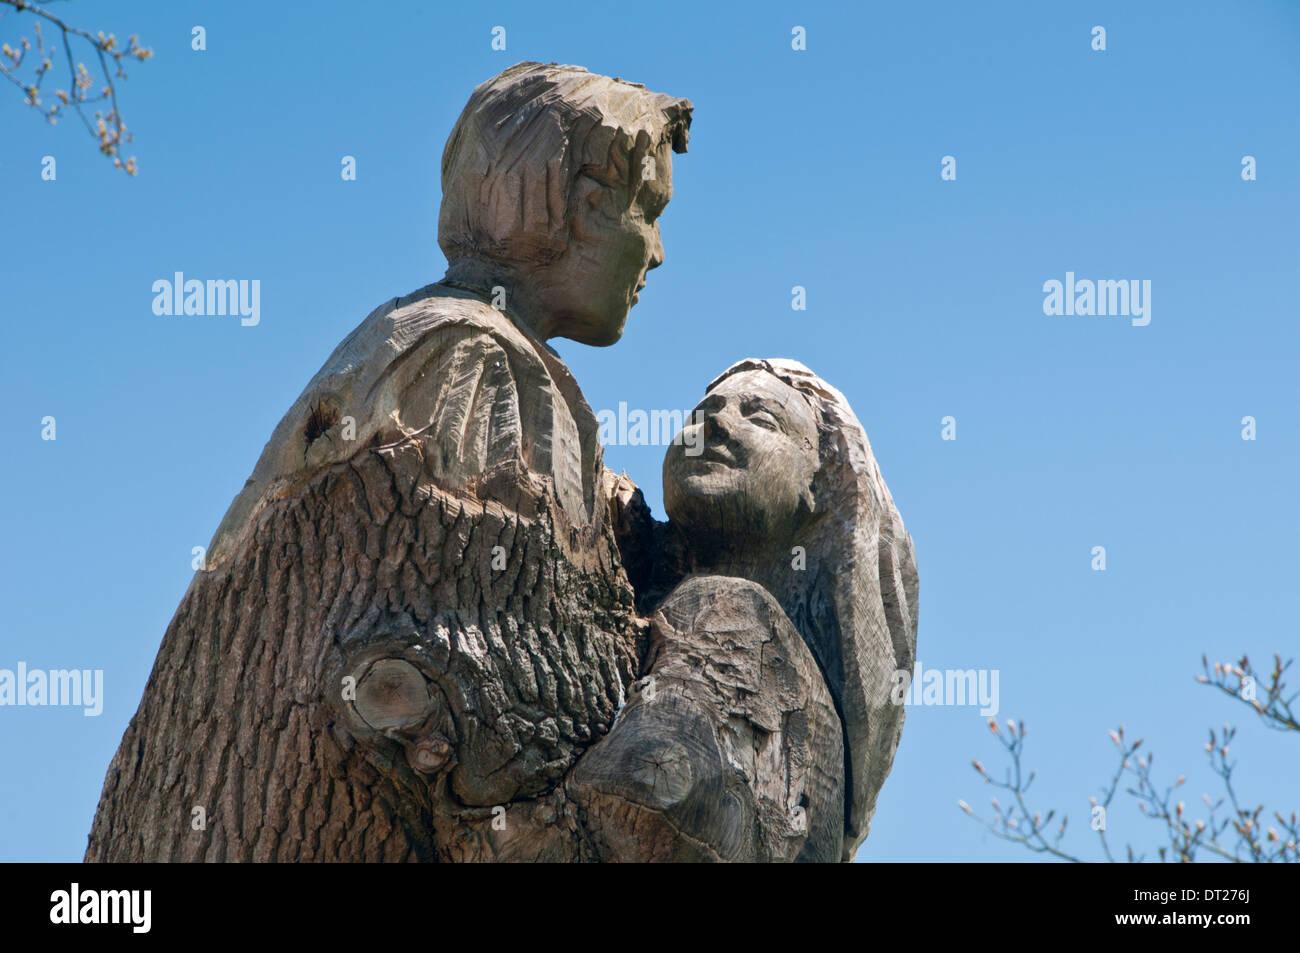 Romeo & Julia Skulptur geschnitzt aus einem Baumstamm Stockbild